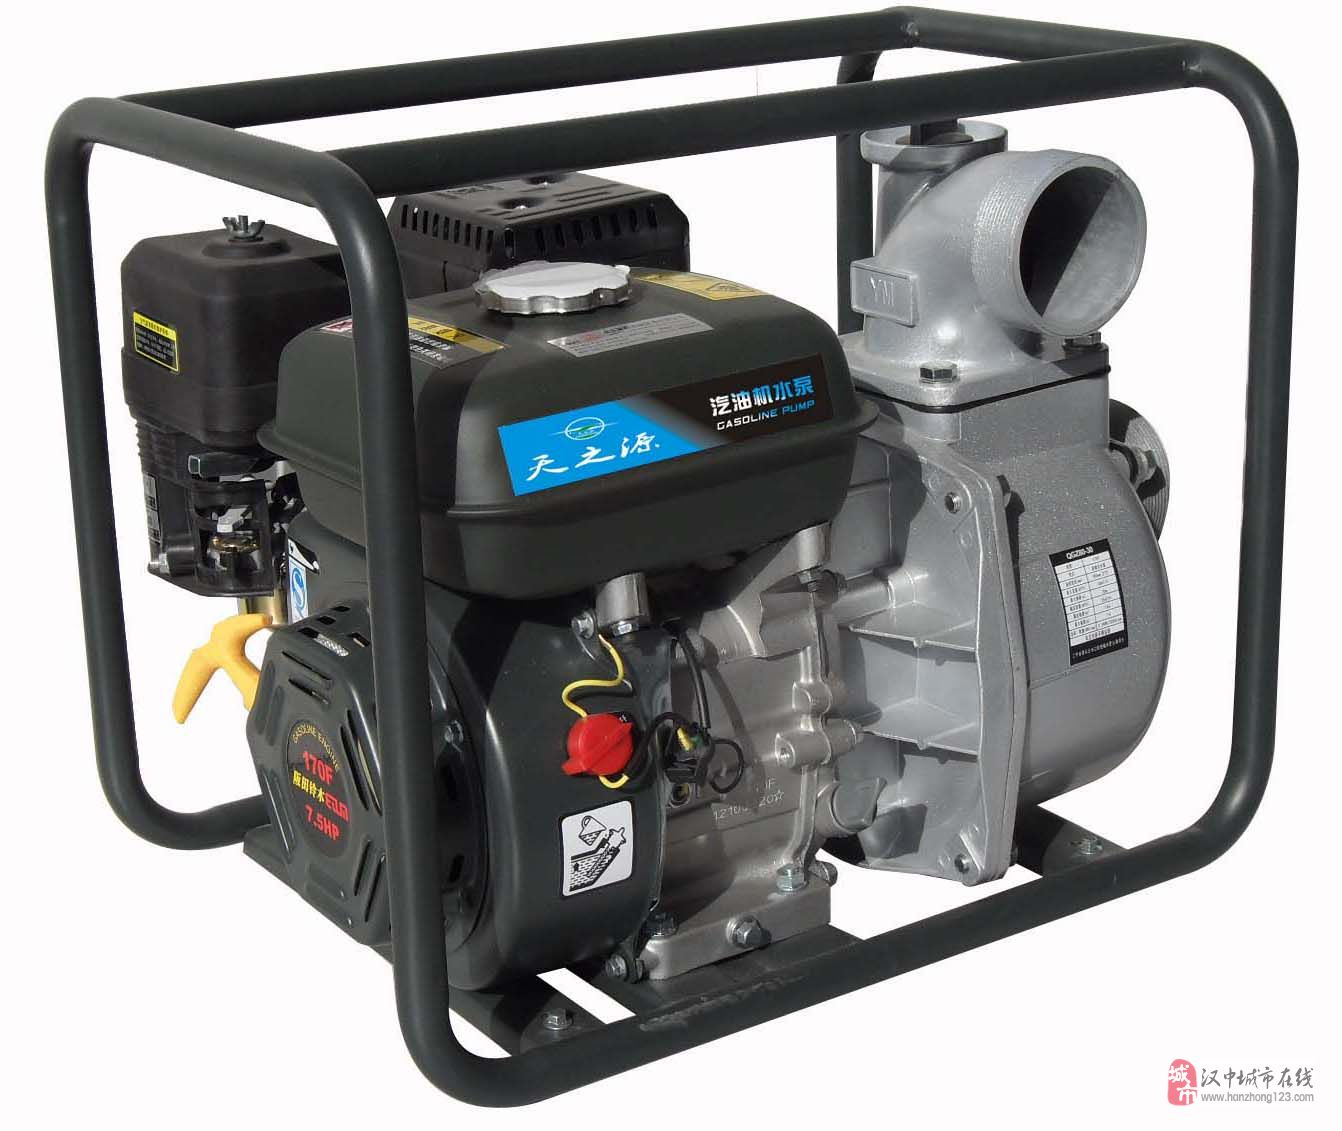 澳门美高梅国际娱乐场汽油机水泵批发,澳门美高梅国际娱乐场汽油机水泵销售,维修。